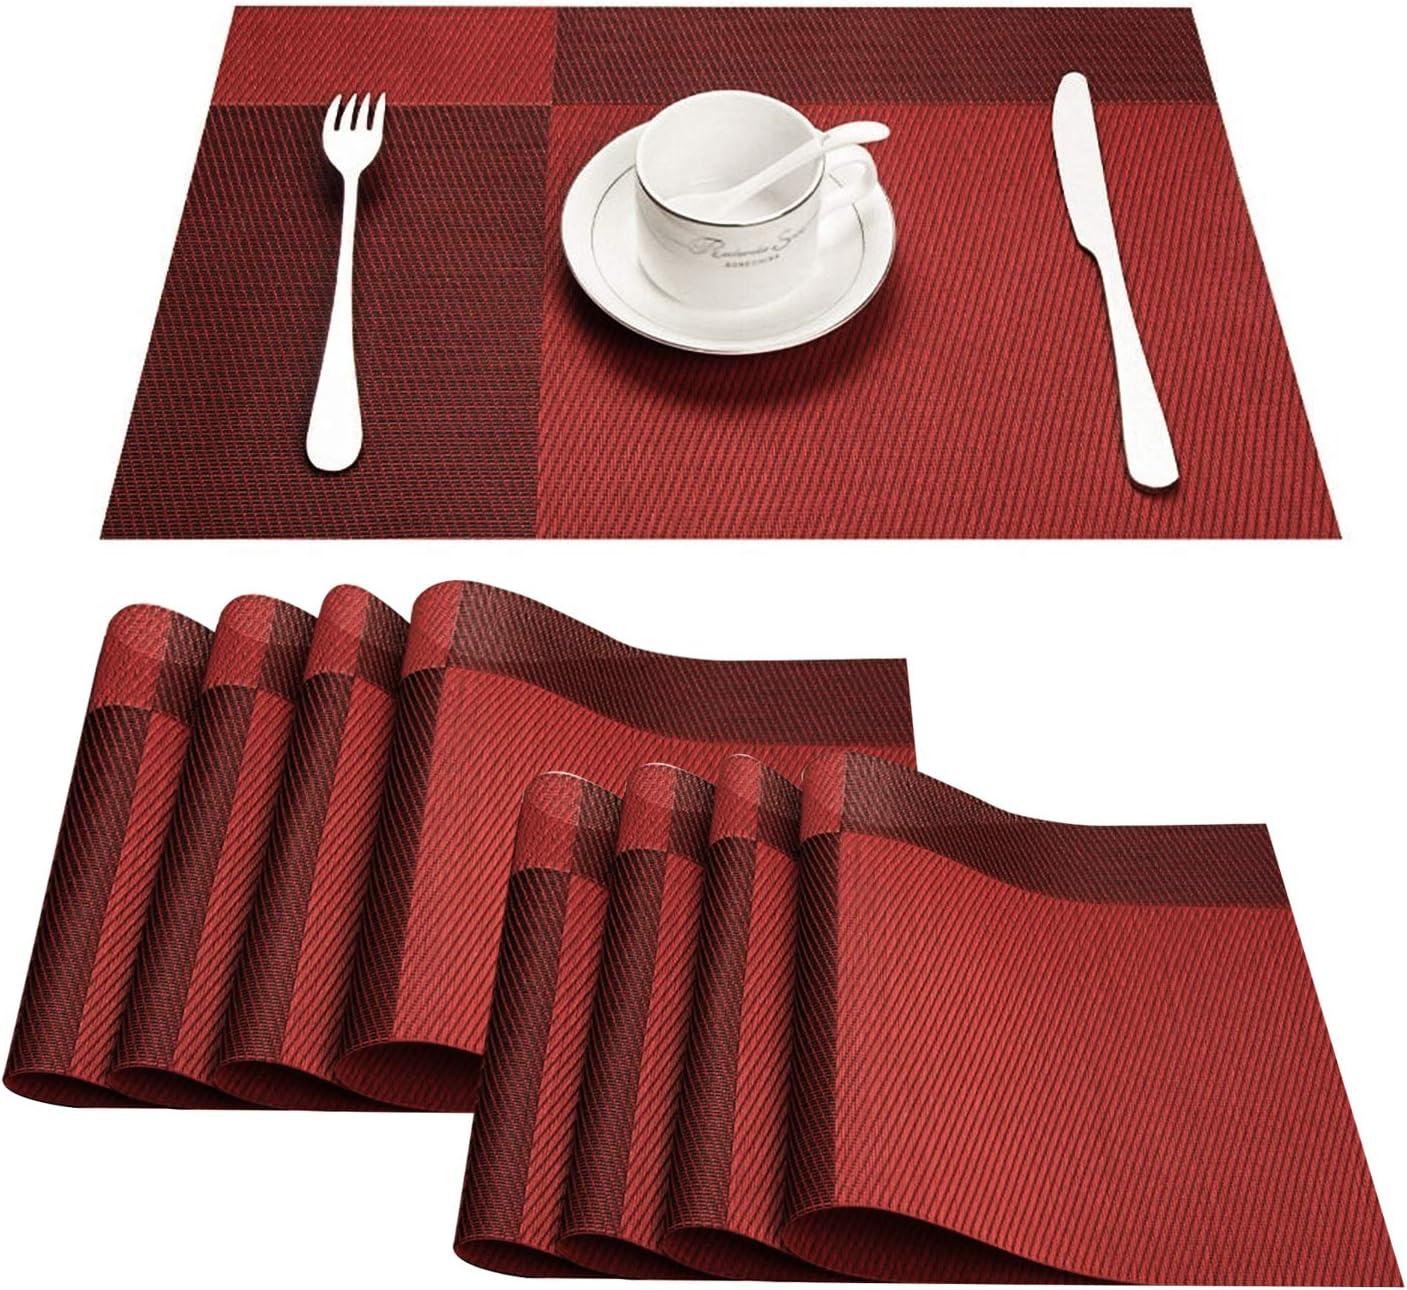 Topfinel Manteles Individuales de Mesa Vintage Plastico Rectangular de Restaurante de Material PVC para Comedor 30x45cm,4 Unidades,Rojos